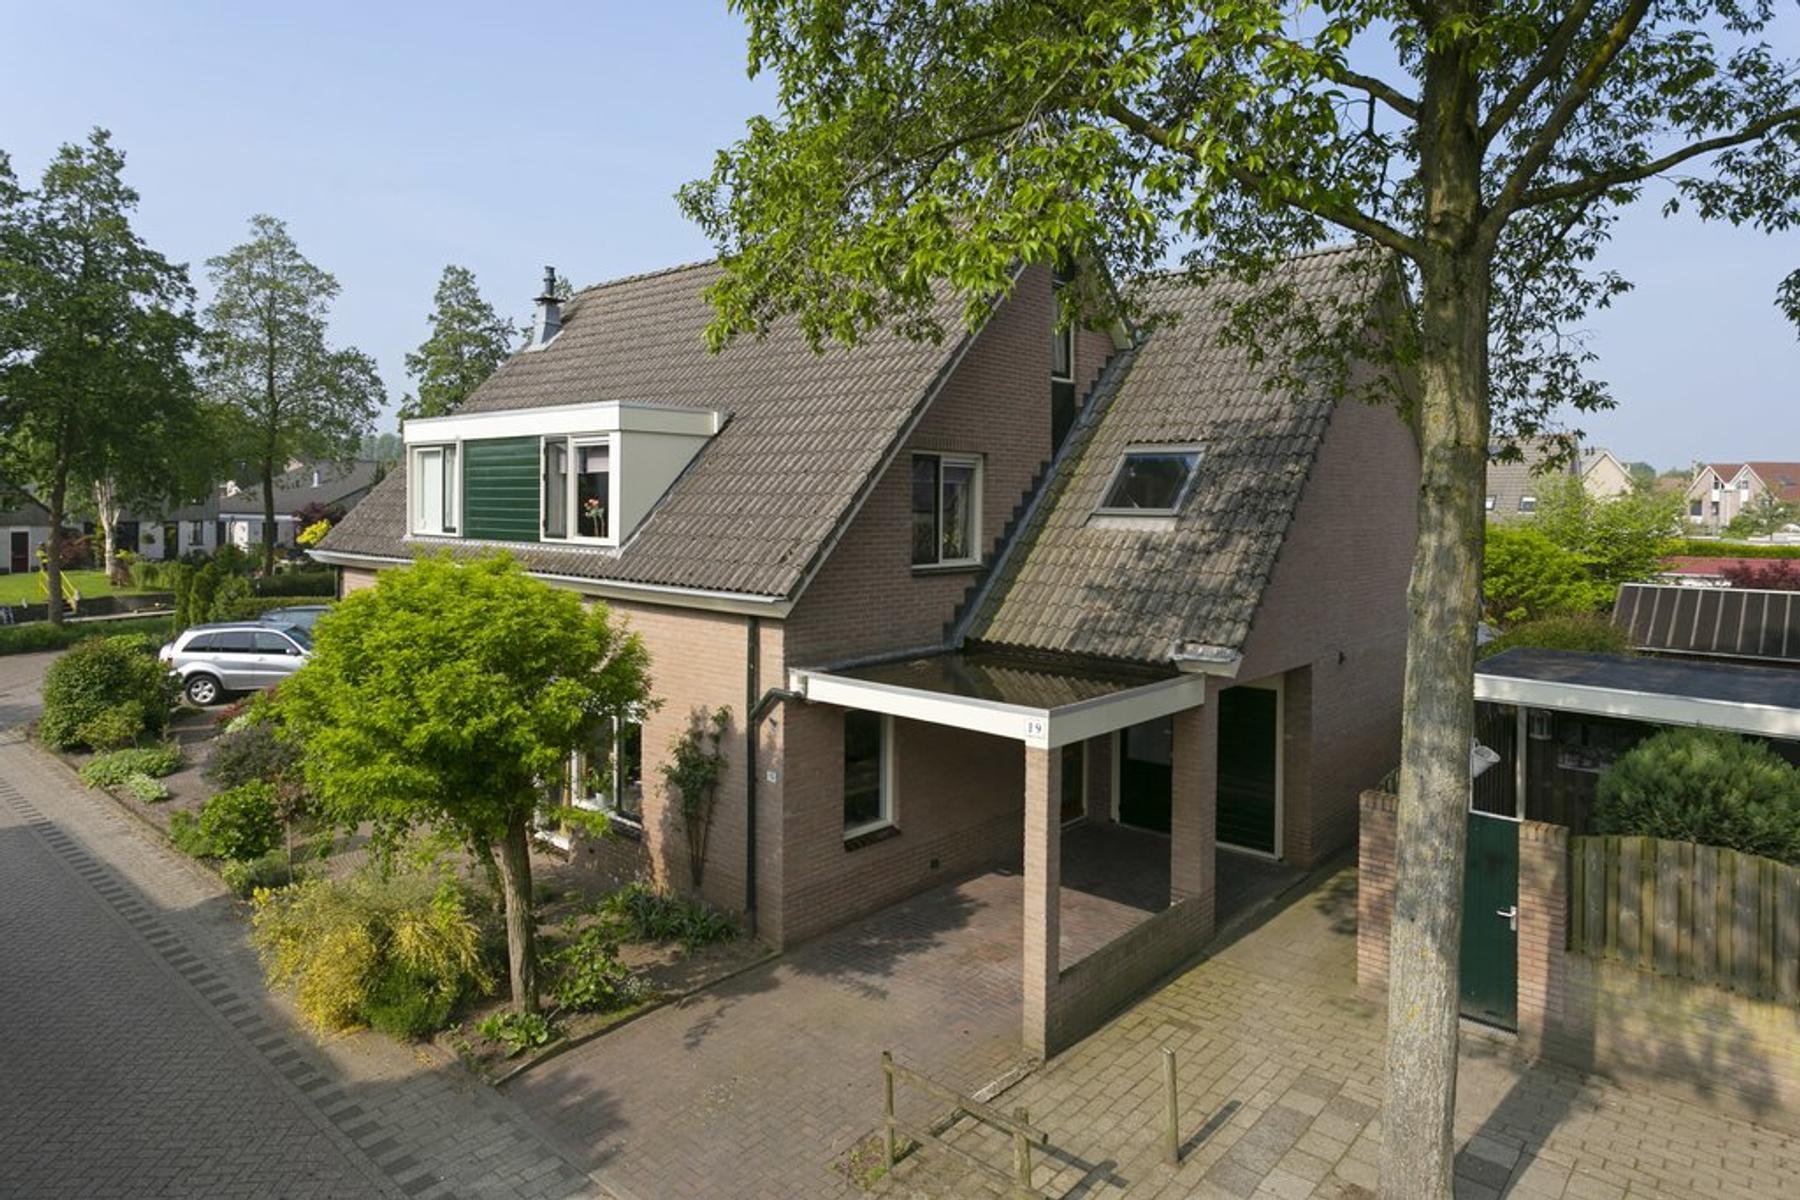 Eglantier 19 in Deventer 7421 CS